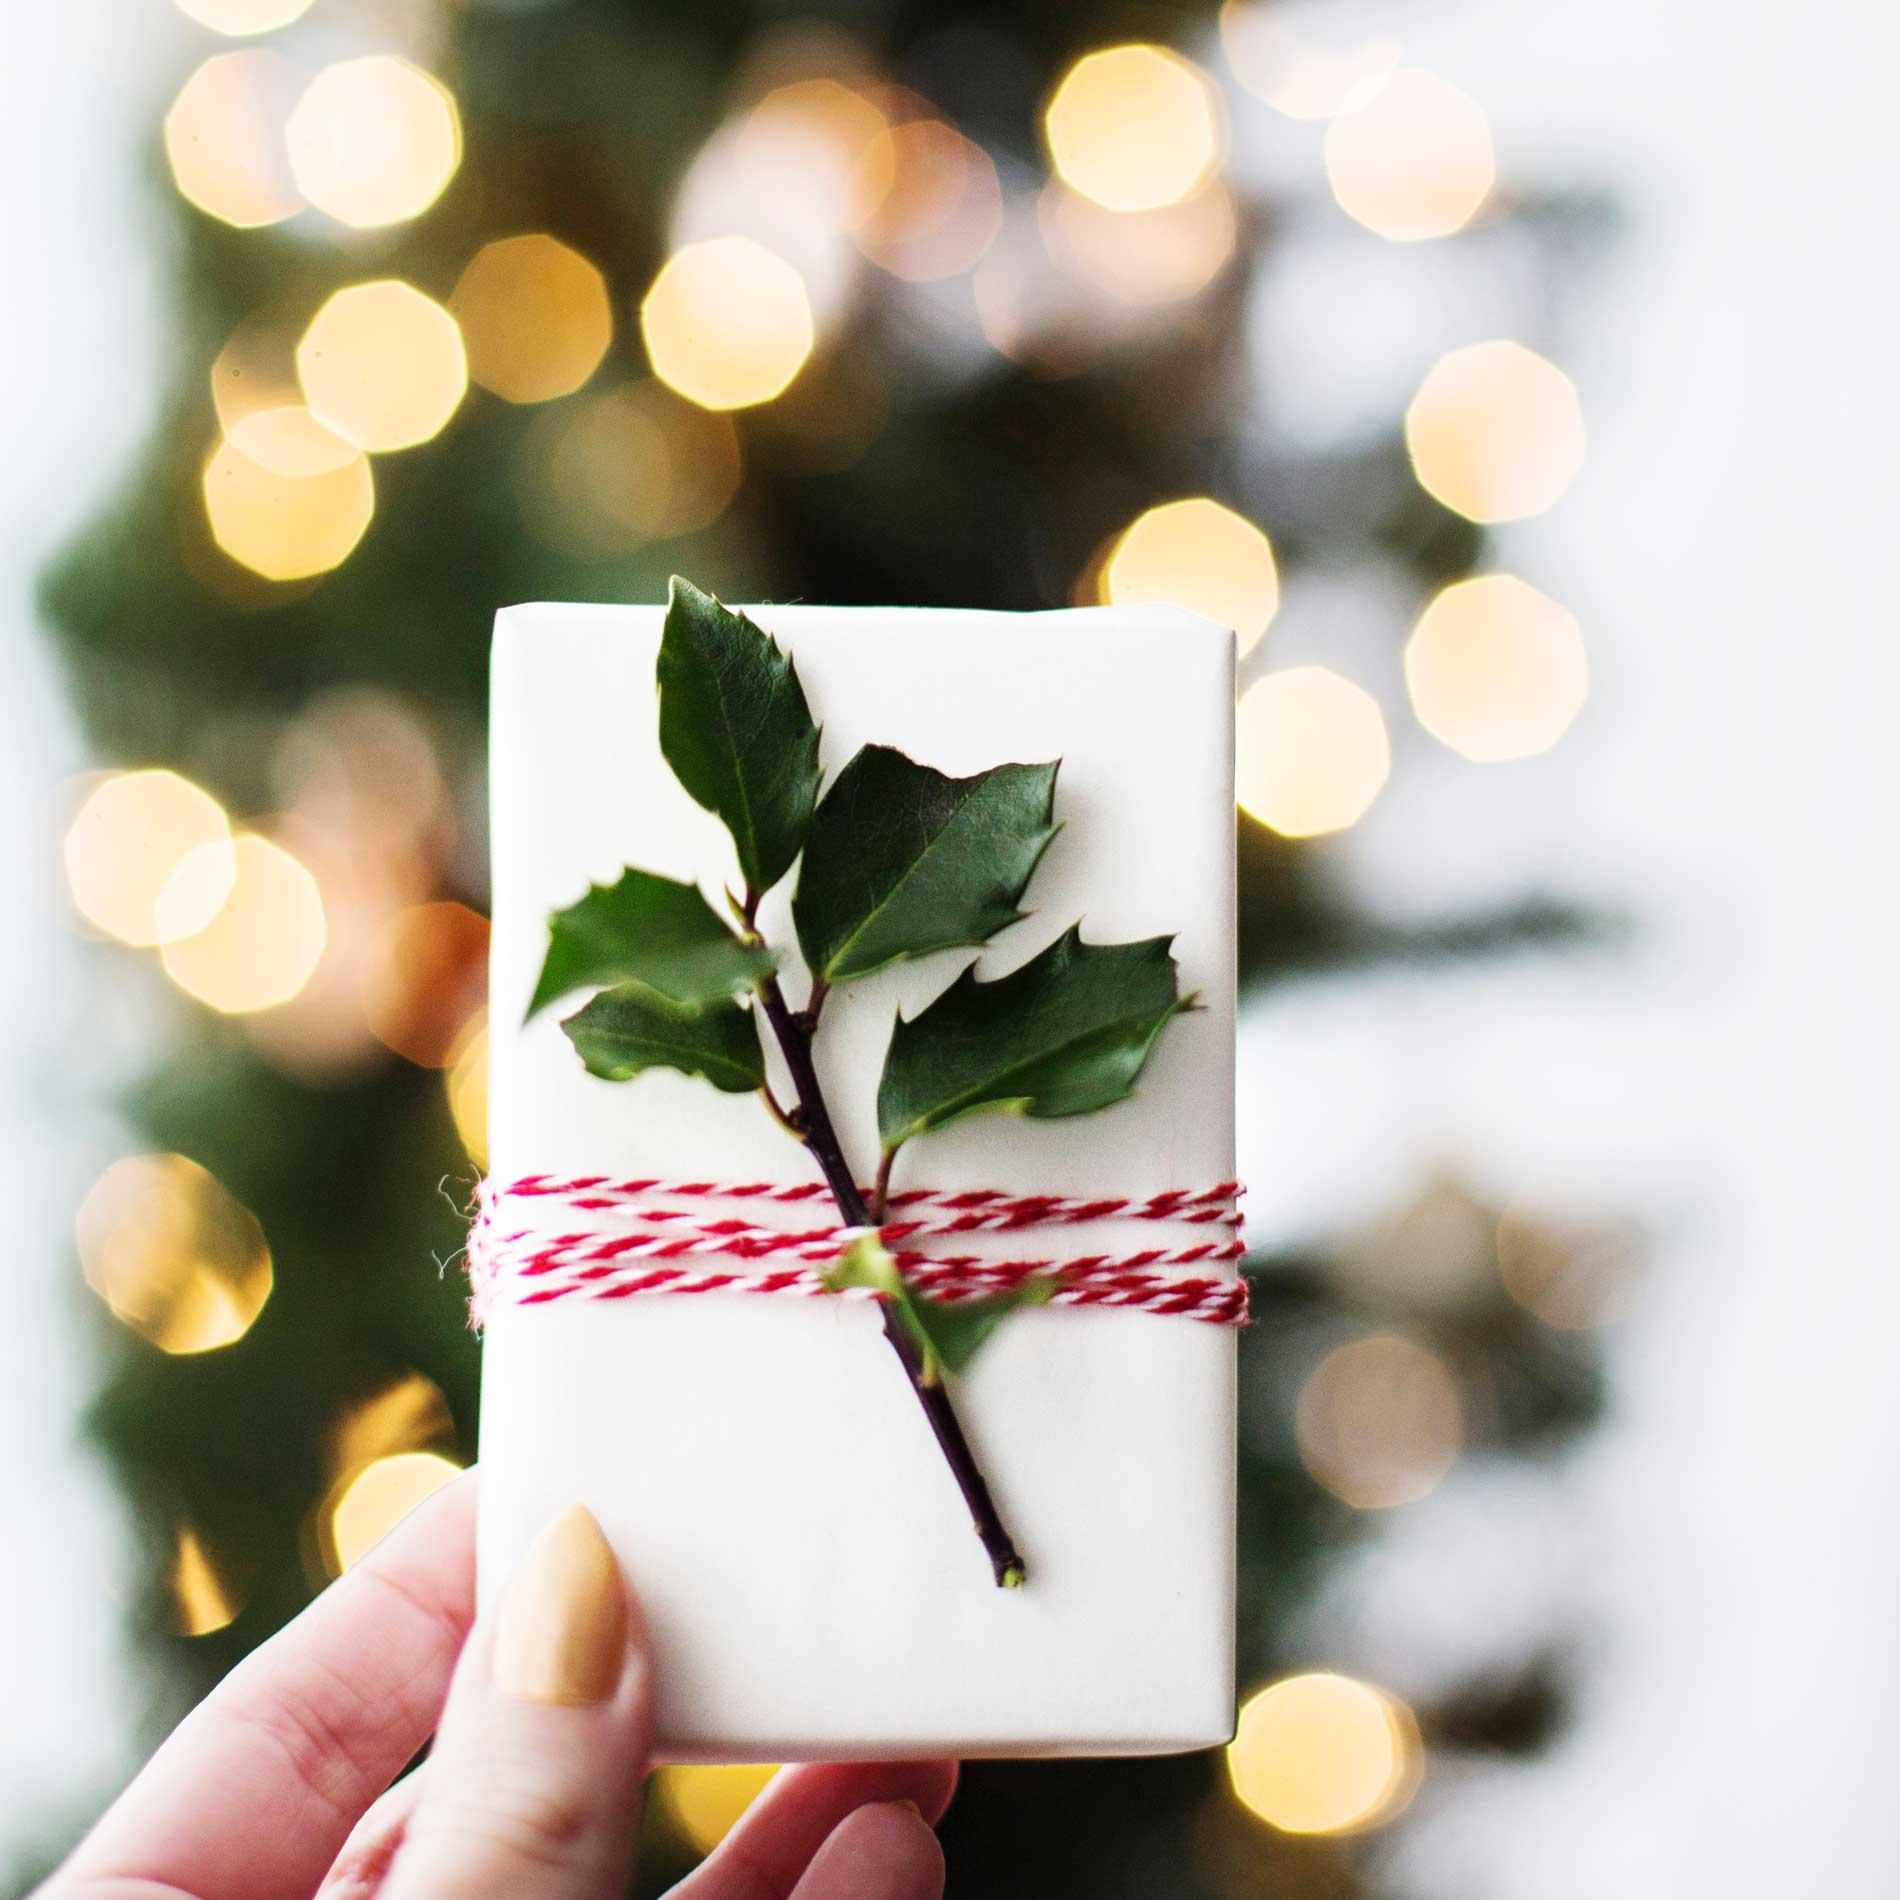 Gift Guide für Beauty Lovver, Geschenkideen für Beauty Liebhaber, Geschenkideen für Beauty Lover, Geschenkideen zu Weihnachten, Weihnachtsgeschenke, Rabatte in Beauty Shops, Rabatcodes